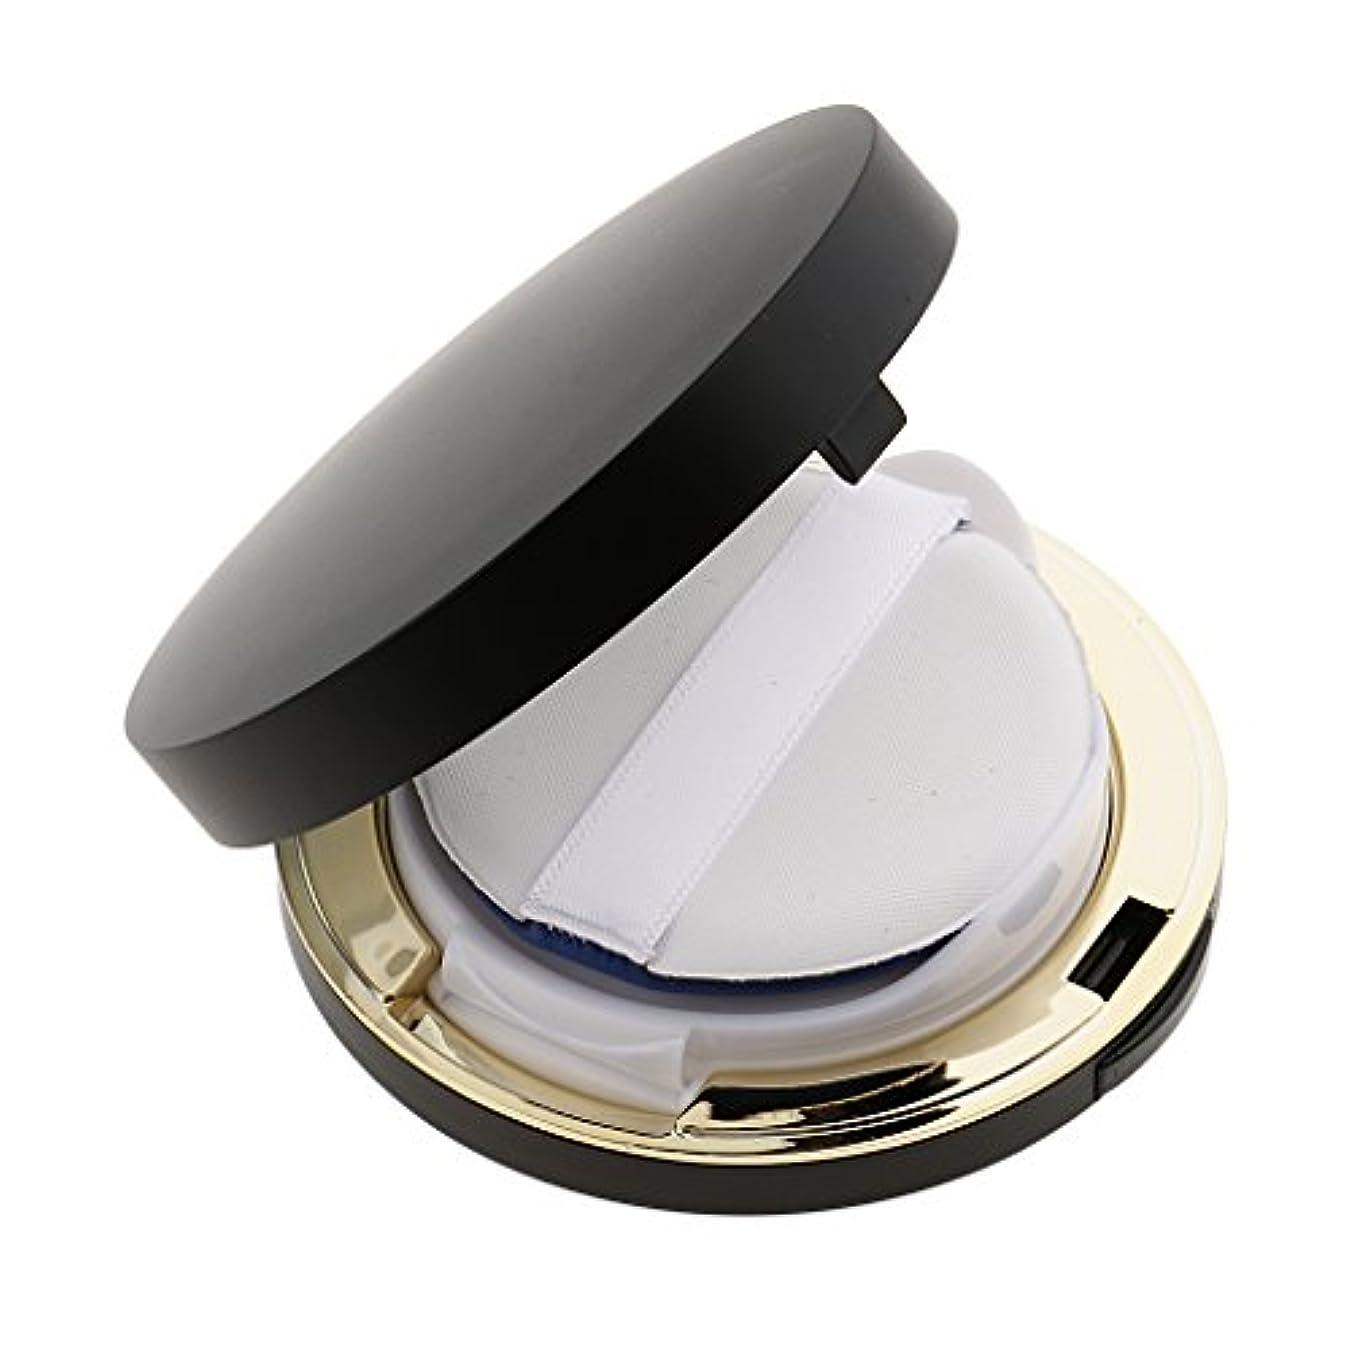 コンパクトトロリーパラダイスPerfk メイクアップ エアクッションケース パウダー パフ パフボックス ラウンド BBクリーム 詰替え 便利 3色選べる - ブラック